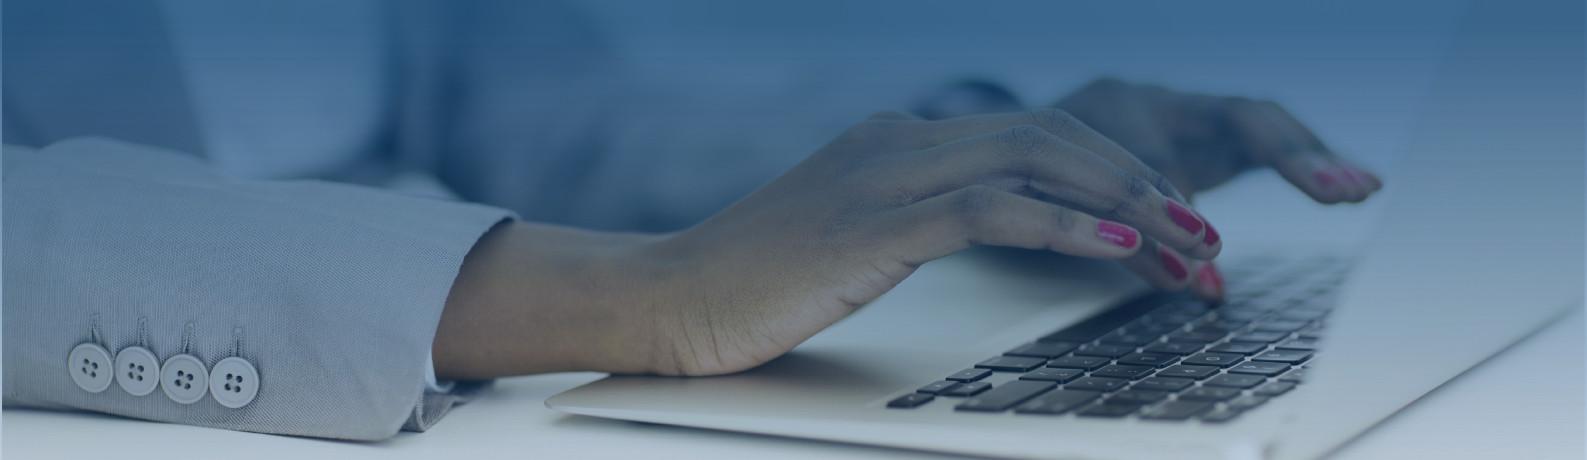 http://www.serpro.gov.br/menu/contato/cliente/duvidas-mais-frequentes/consignantes/consignantes